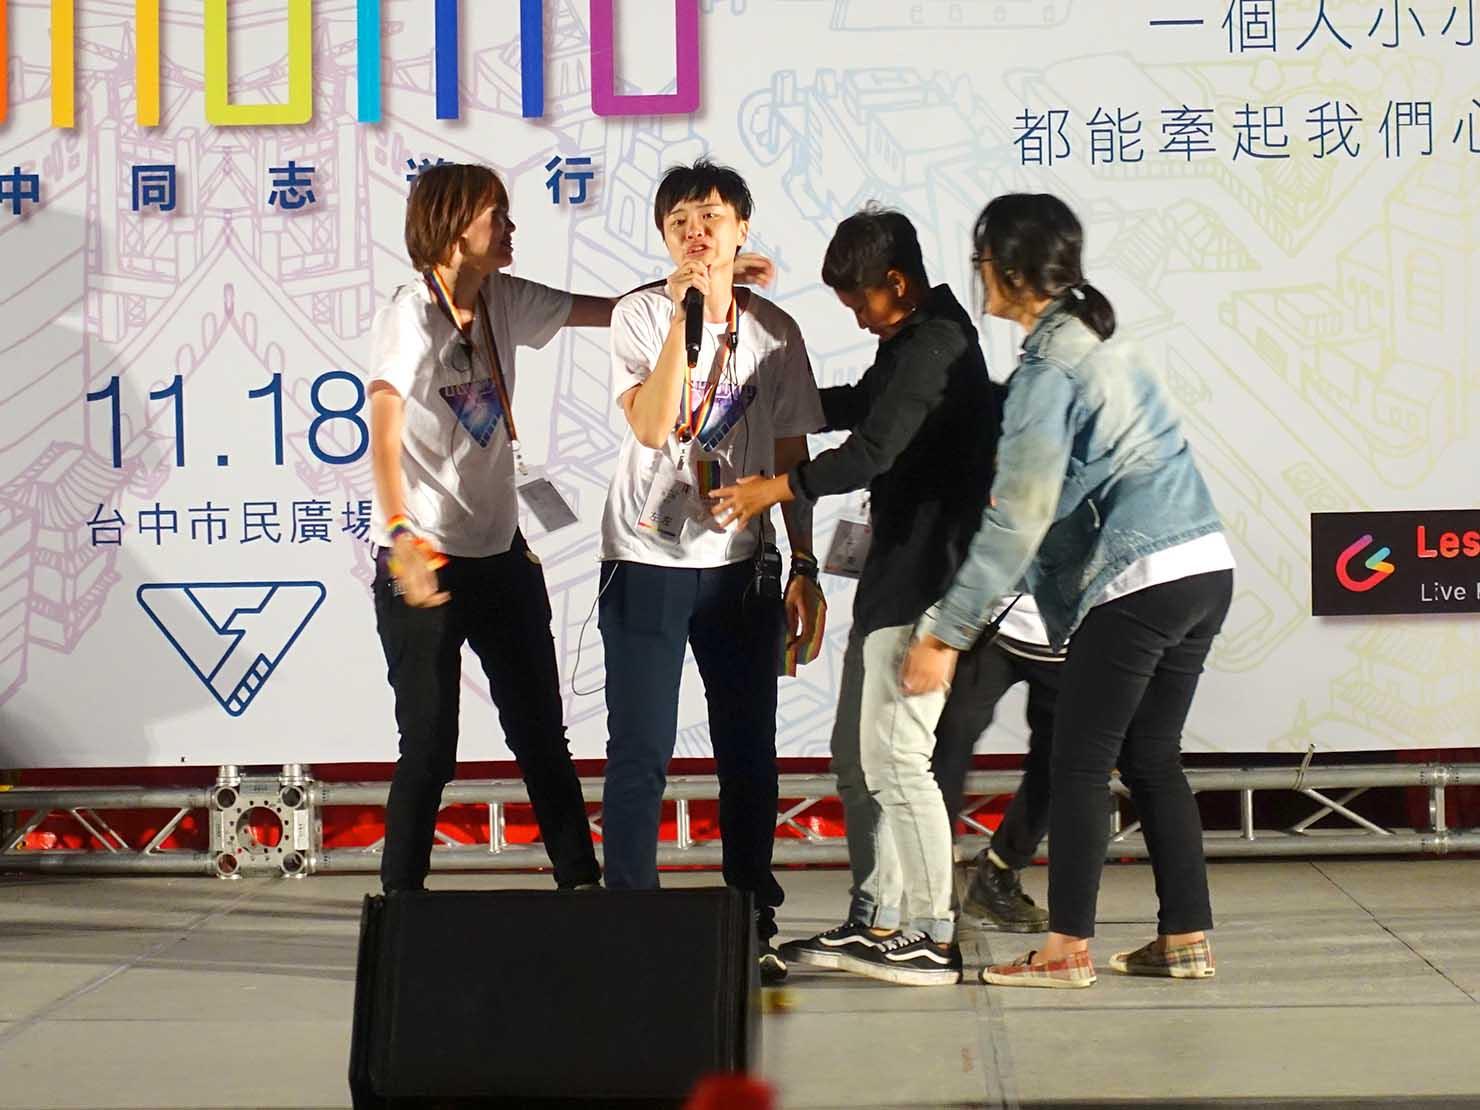 台中同志遊行(台中LGBTプライド)2017のステージでスピーチするイベント代表者